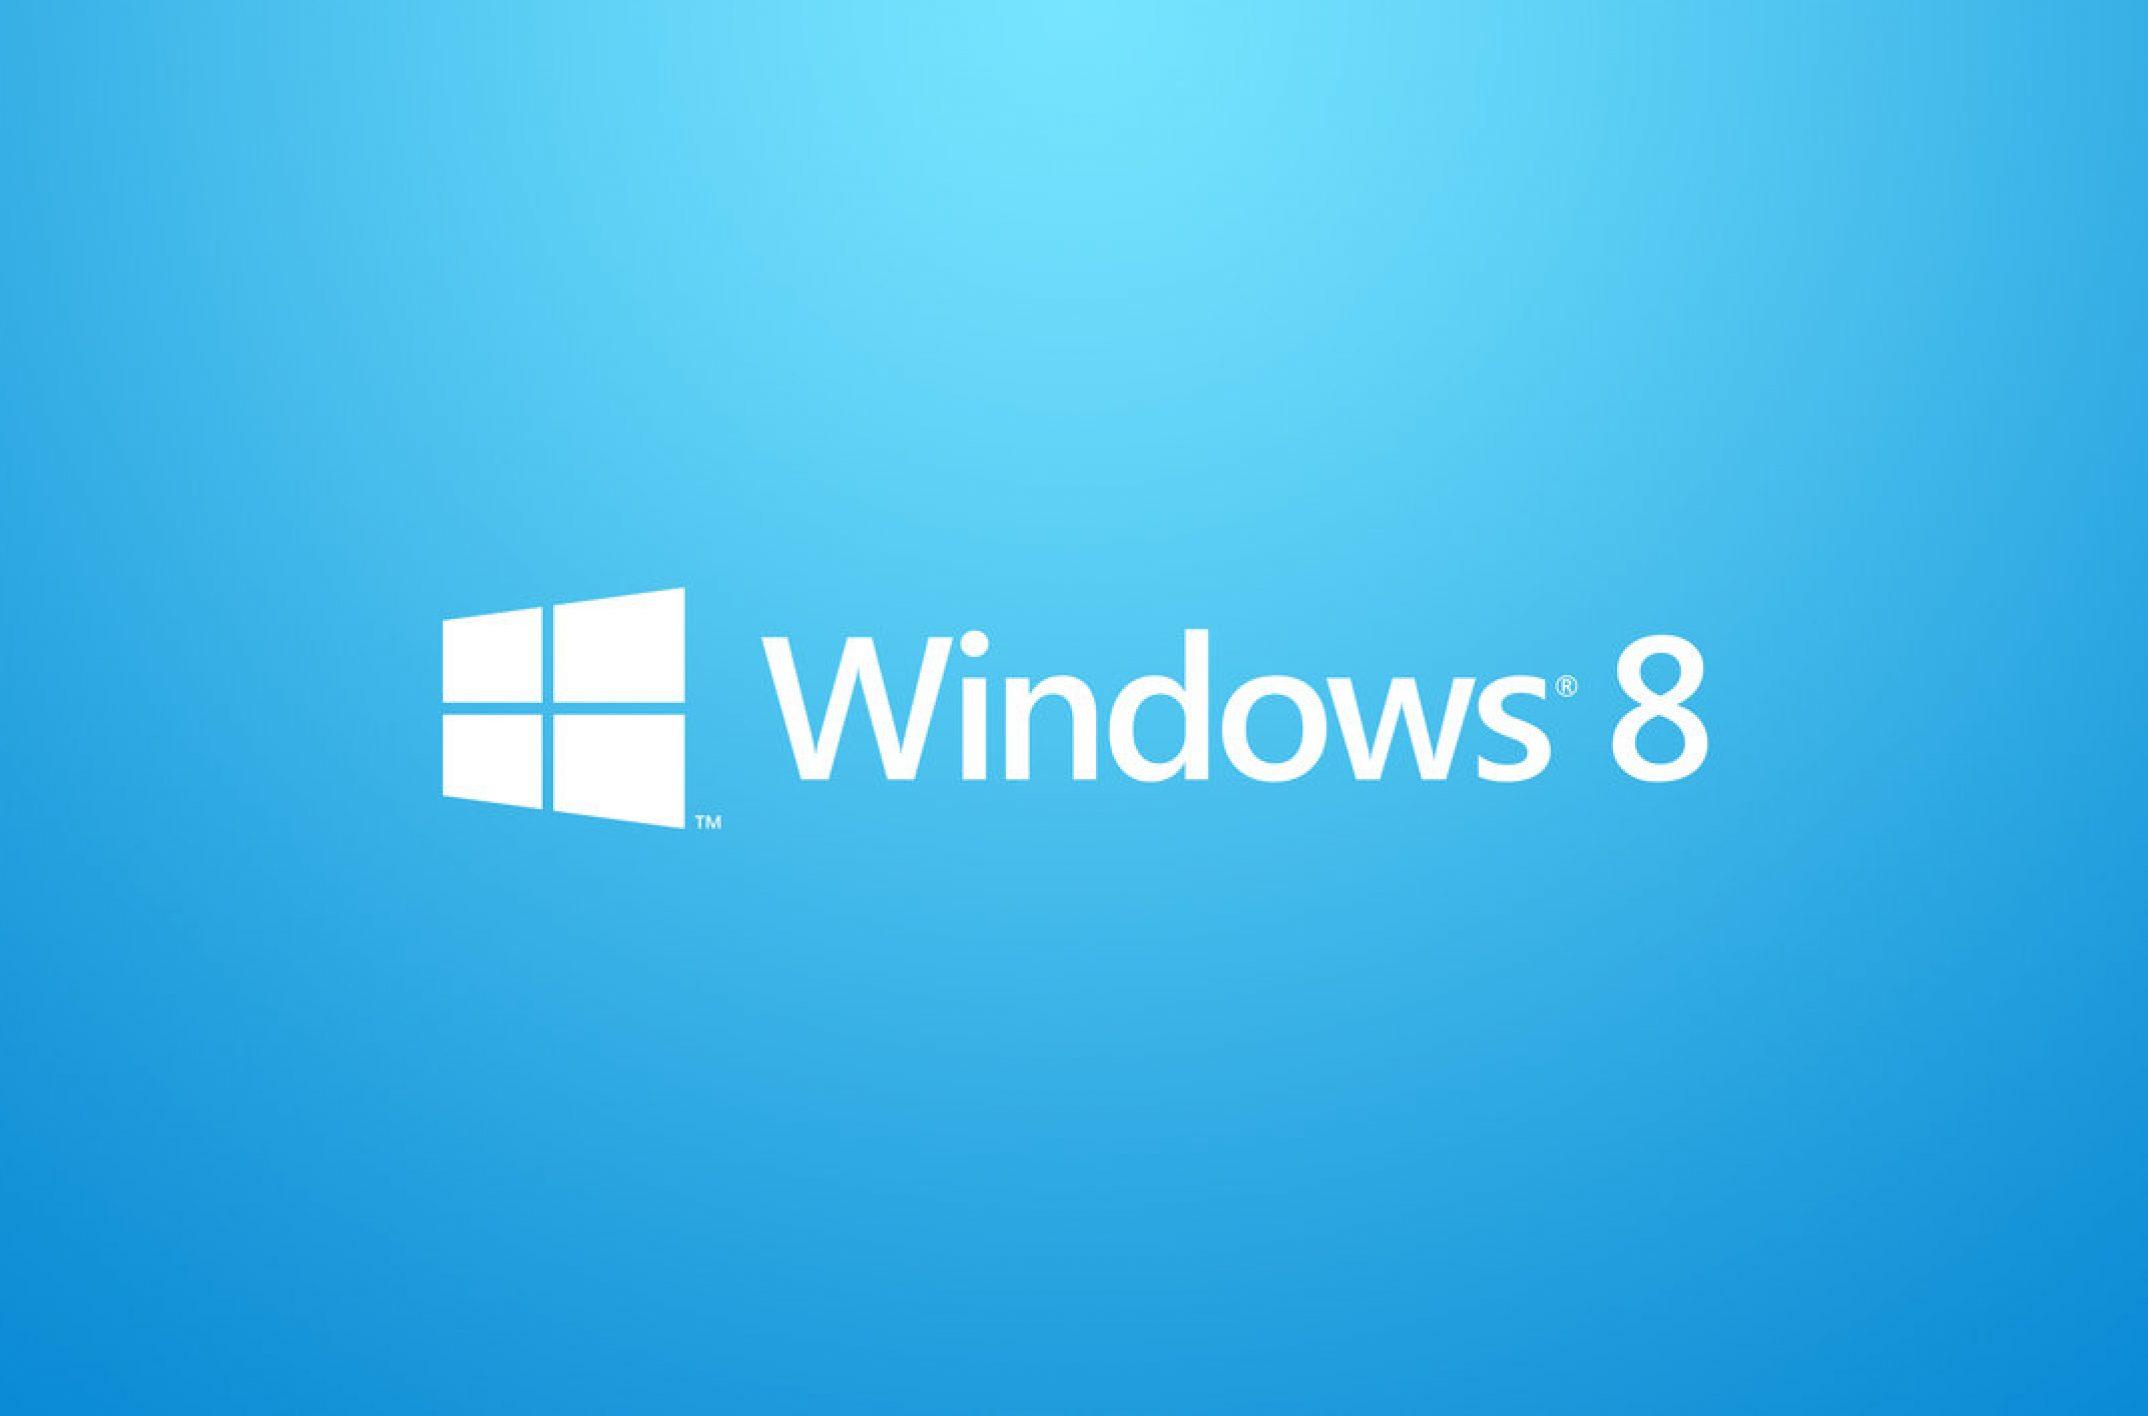 Comment telecharger windows 8 gratuit ?